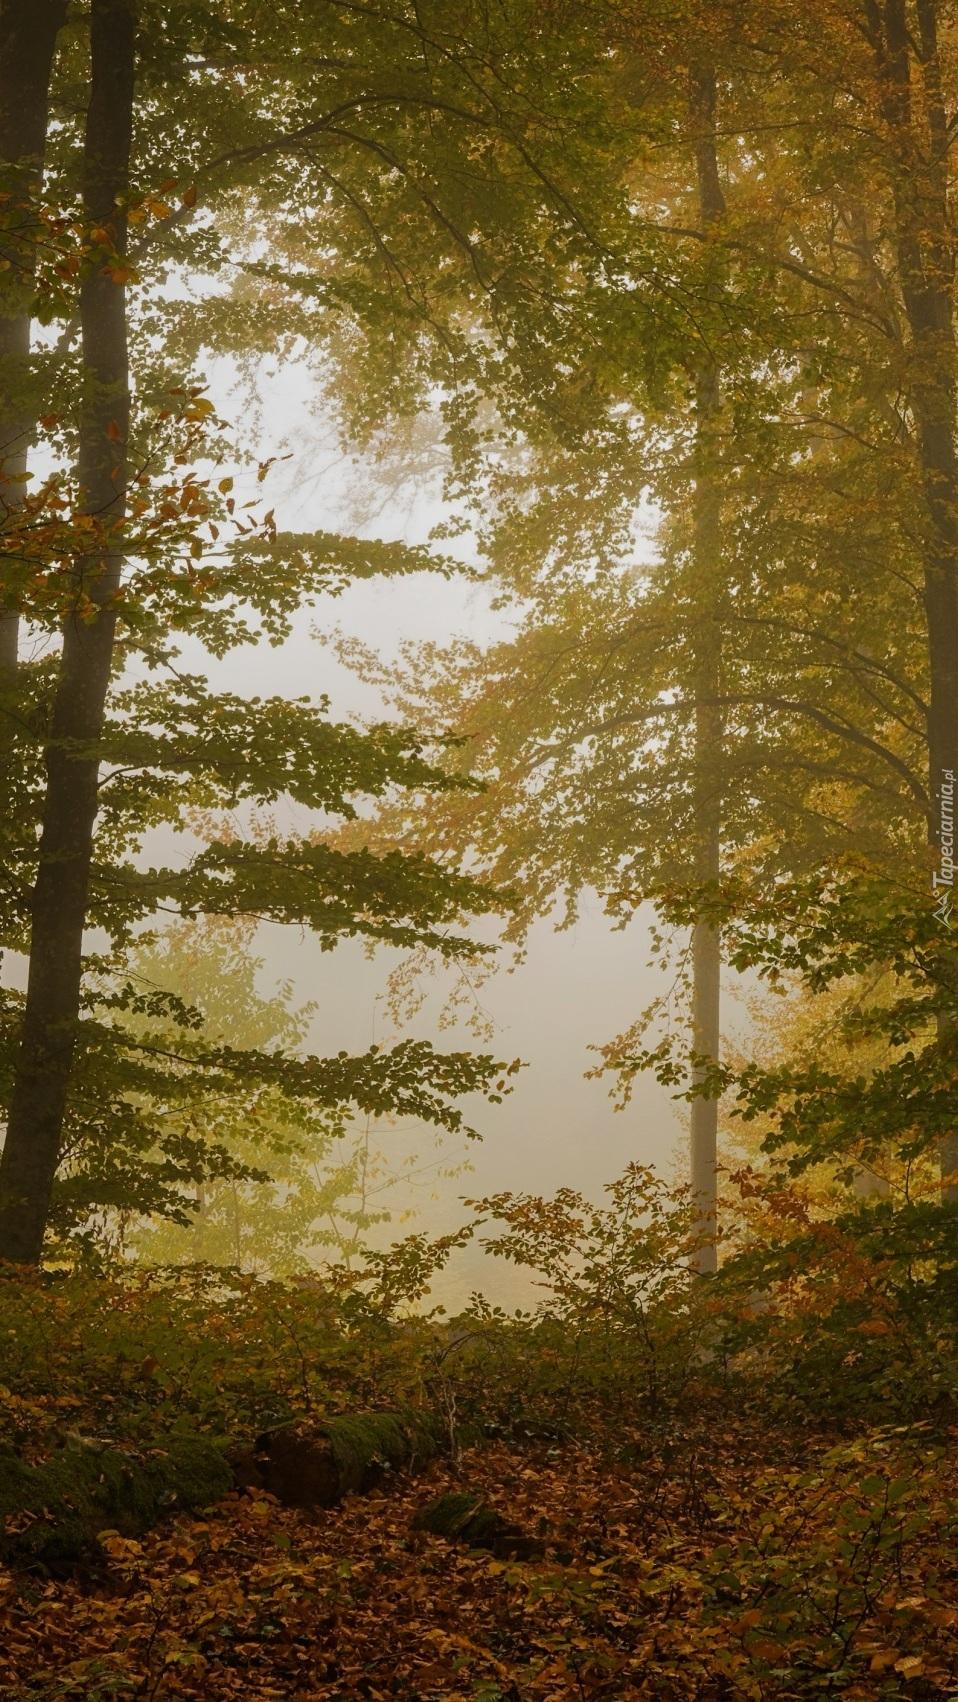 Drzewa w zamglonym jesiennym lesie